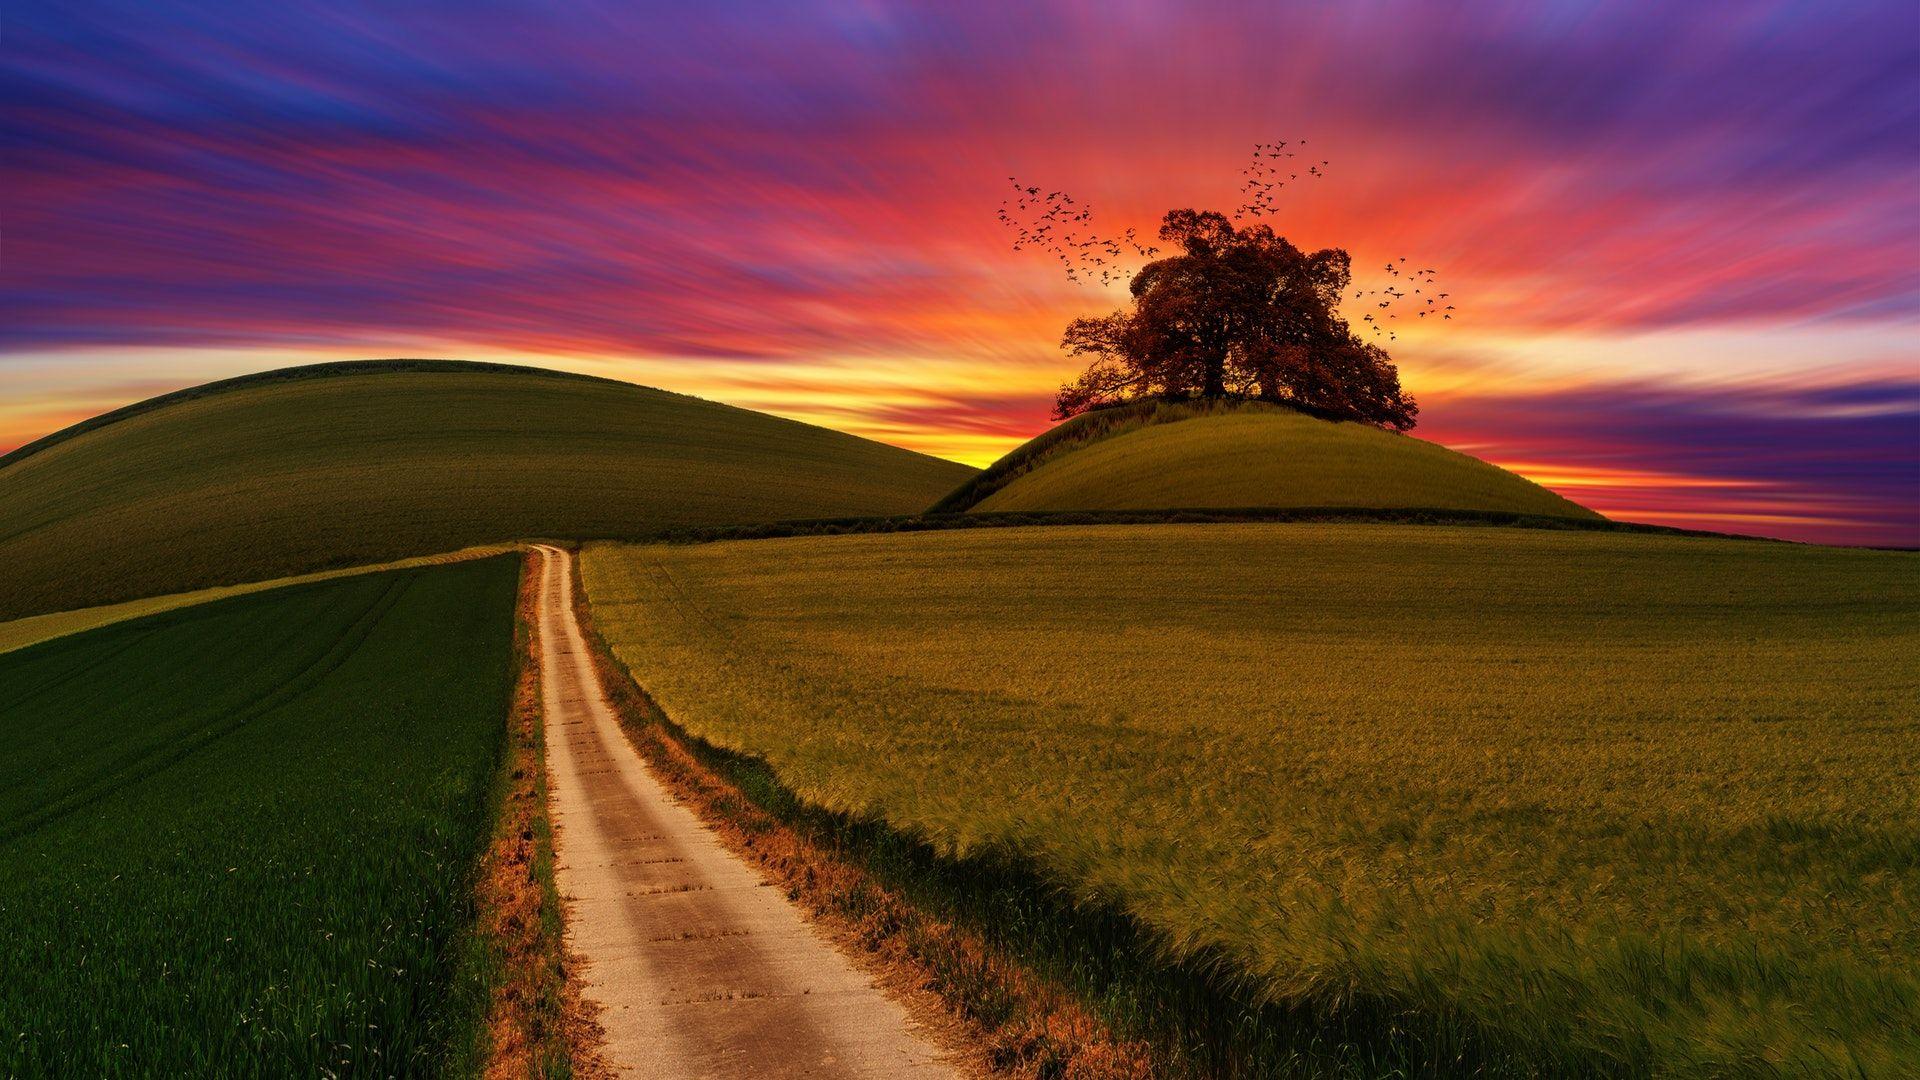 عکس زمینه هنری از مزرعه در غروب پس زمینه